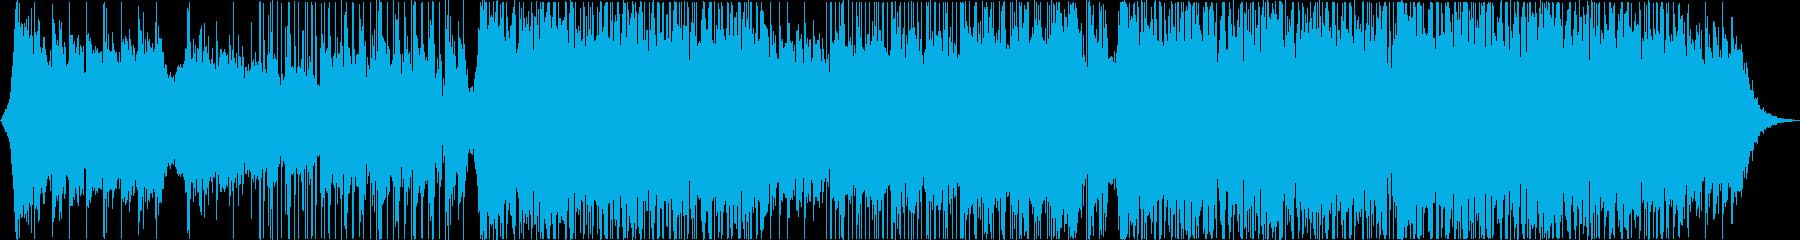 壮大で感動的なエレクトロバラード楽曲の再生済みの波形